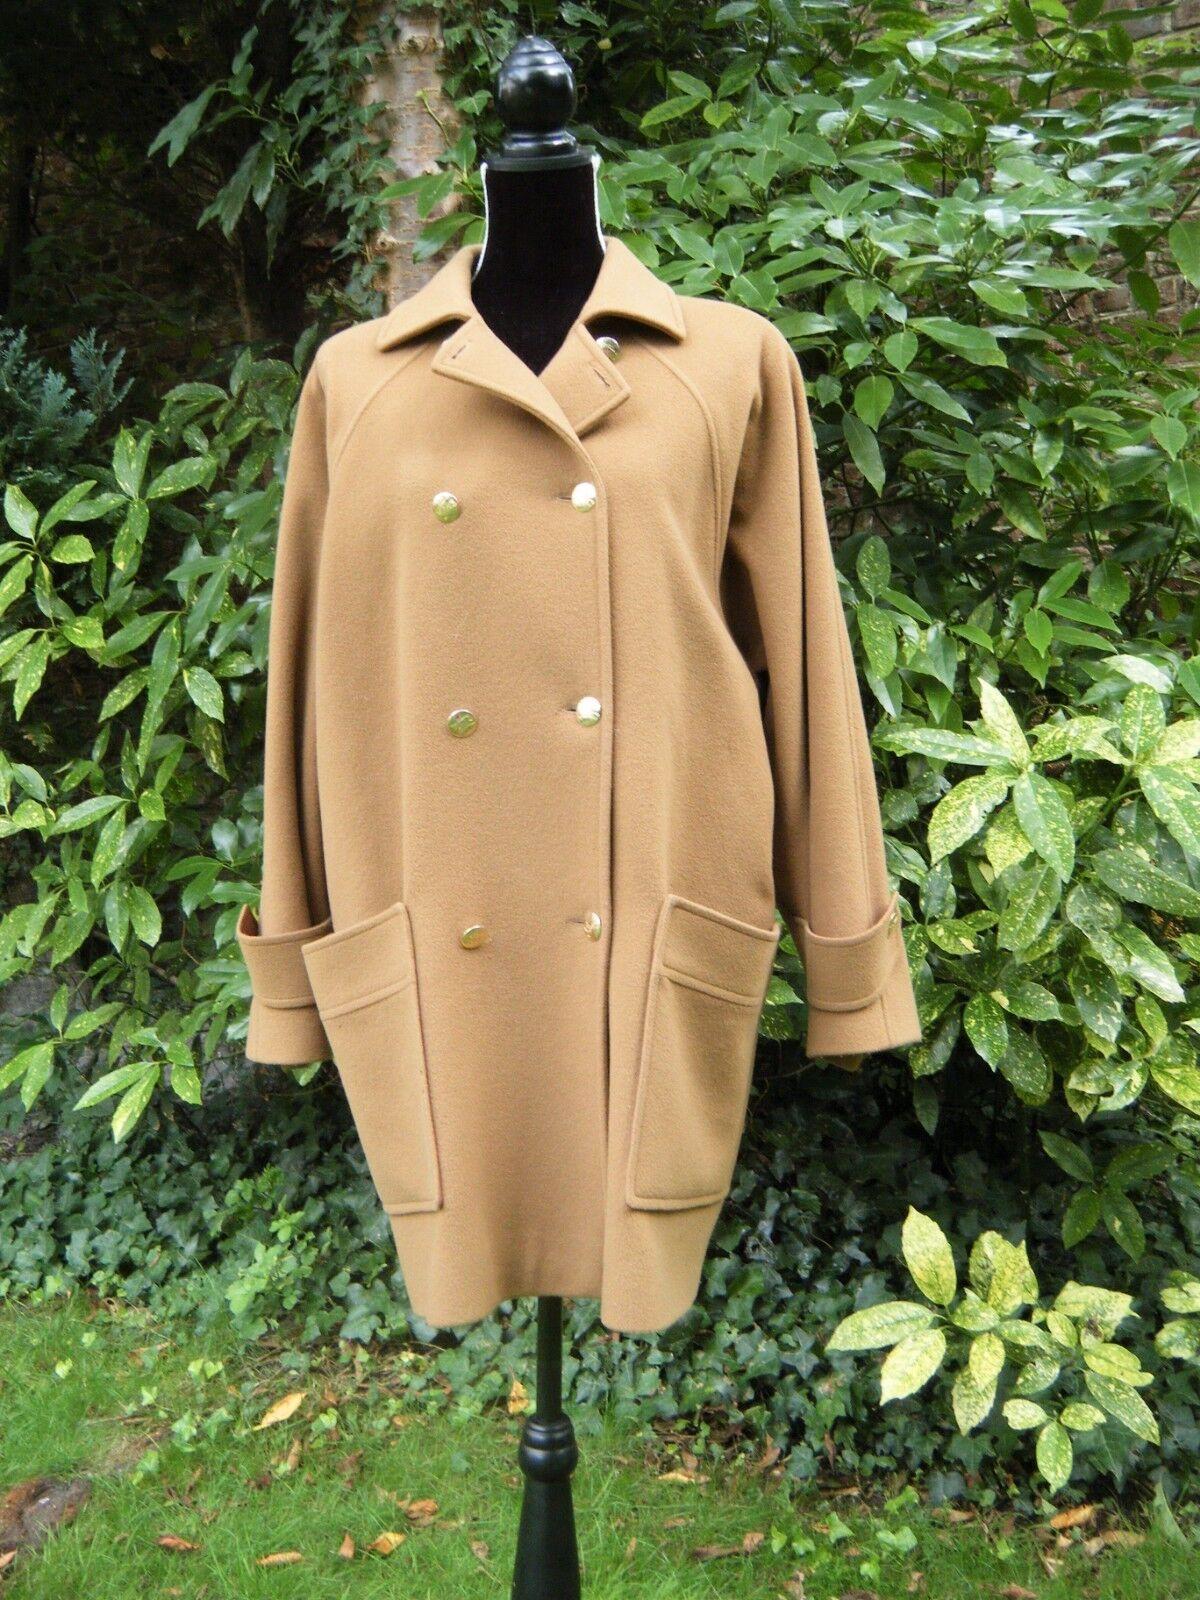 Burberry's prorsum manteau veste femme vintage laine et cachemire taille 42